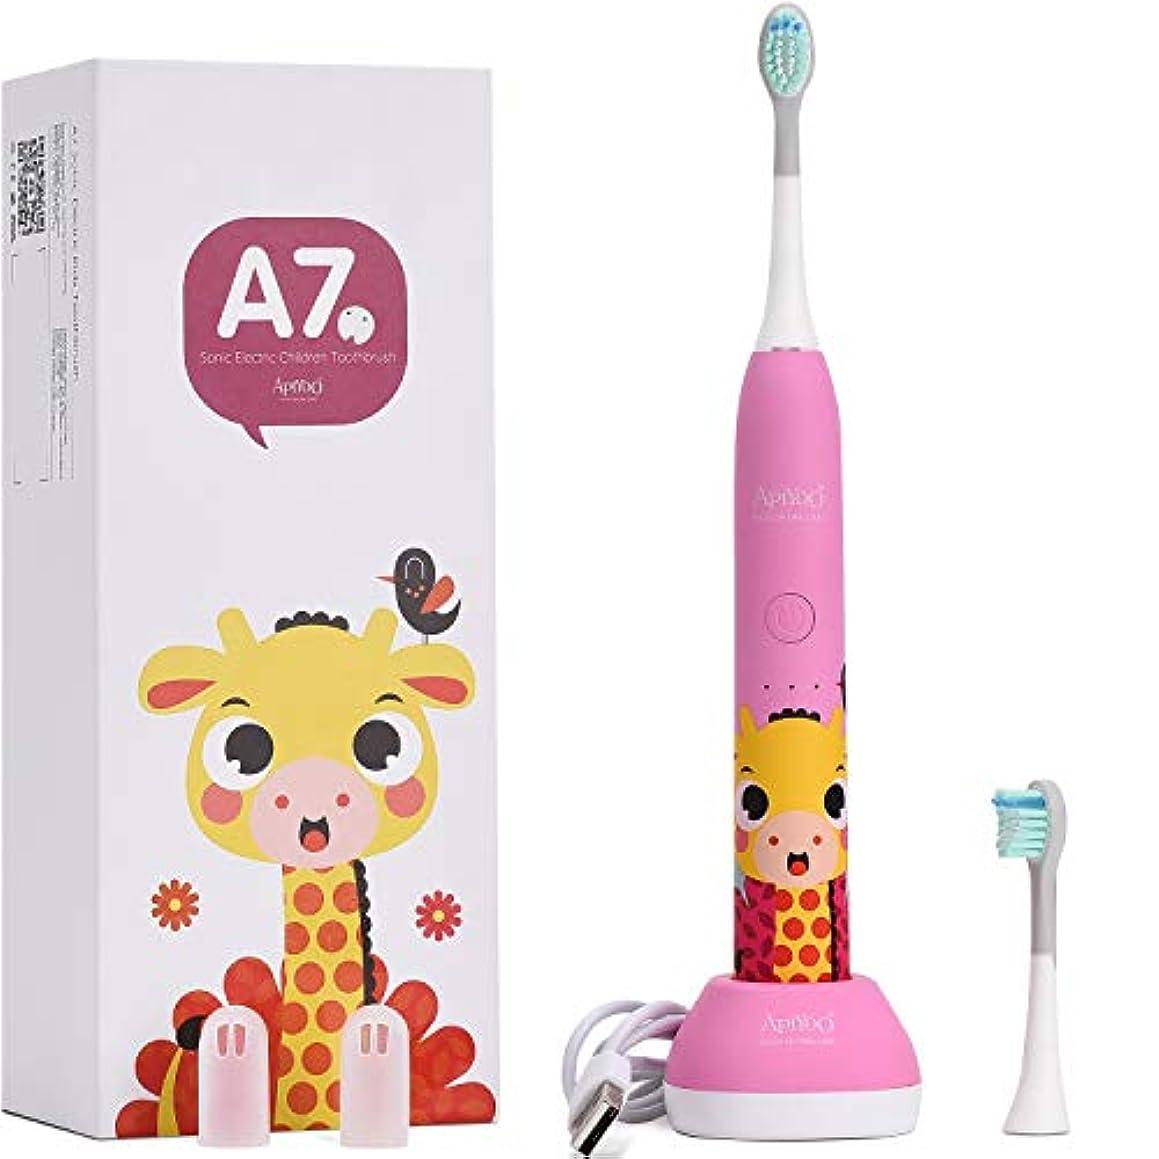 特異性伝導率同等の子供用歯ブラシ、APIYOO A7ワイヤレス充電式電動歯ブラシ、IPX7防水、三種類ブラッシングモード、子供に対応の2分間スマートタイマー機能付き(ピンク)